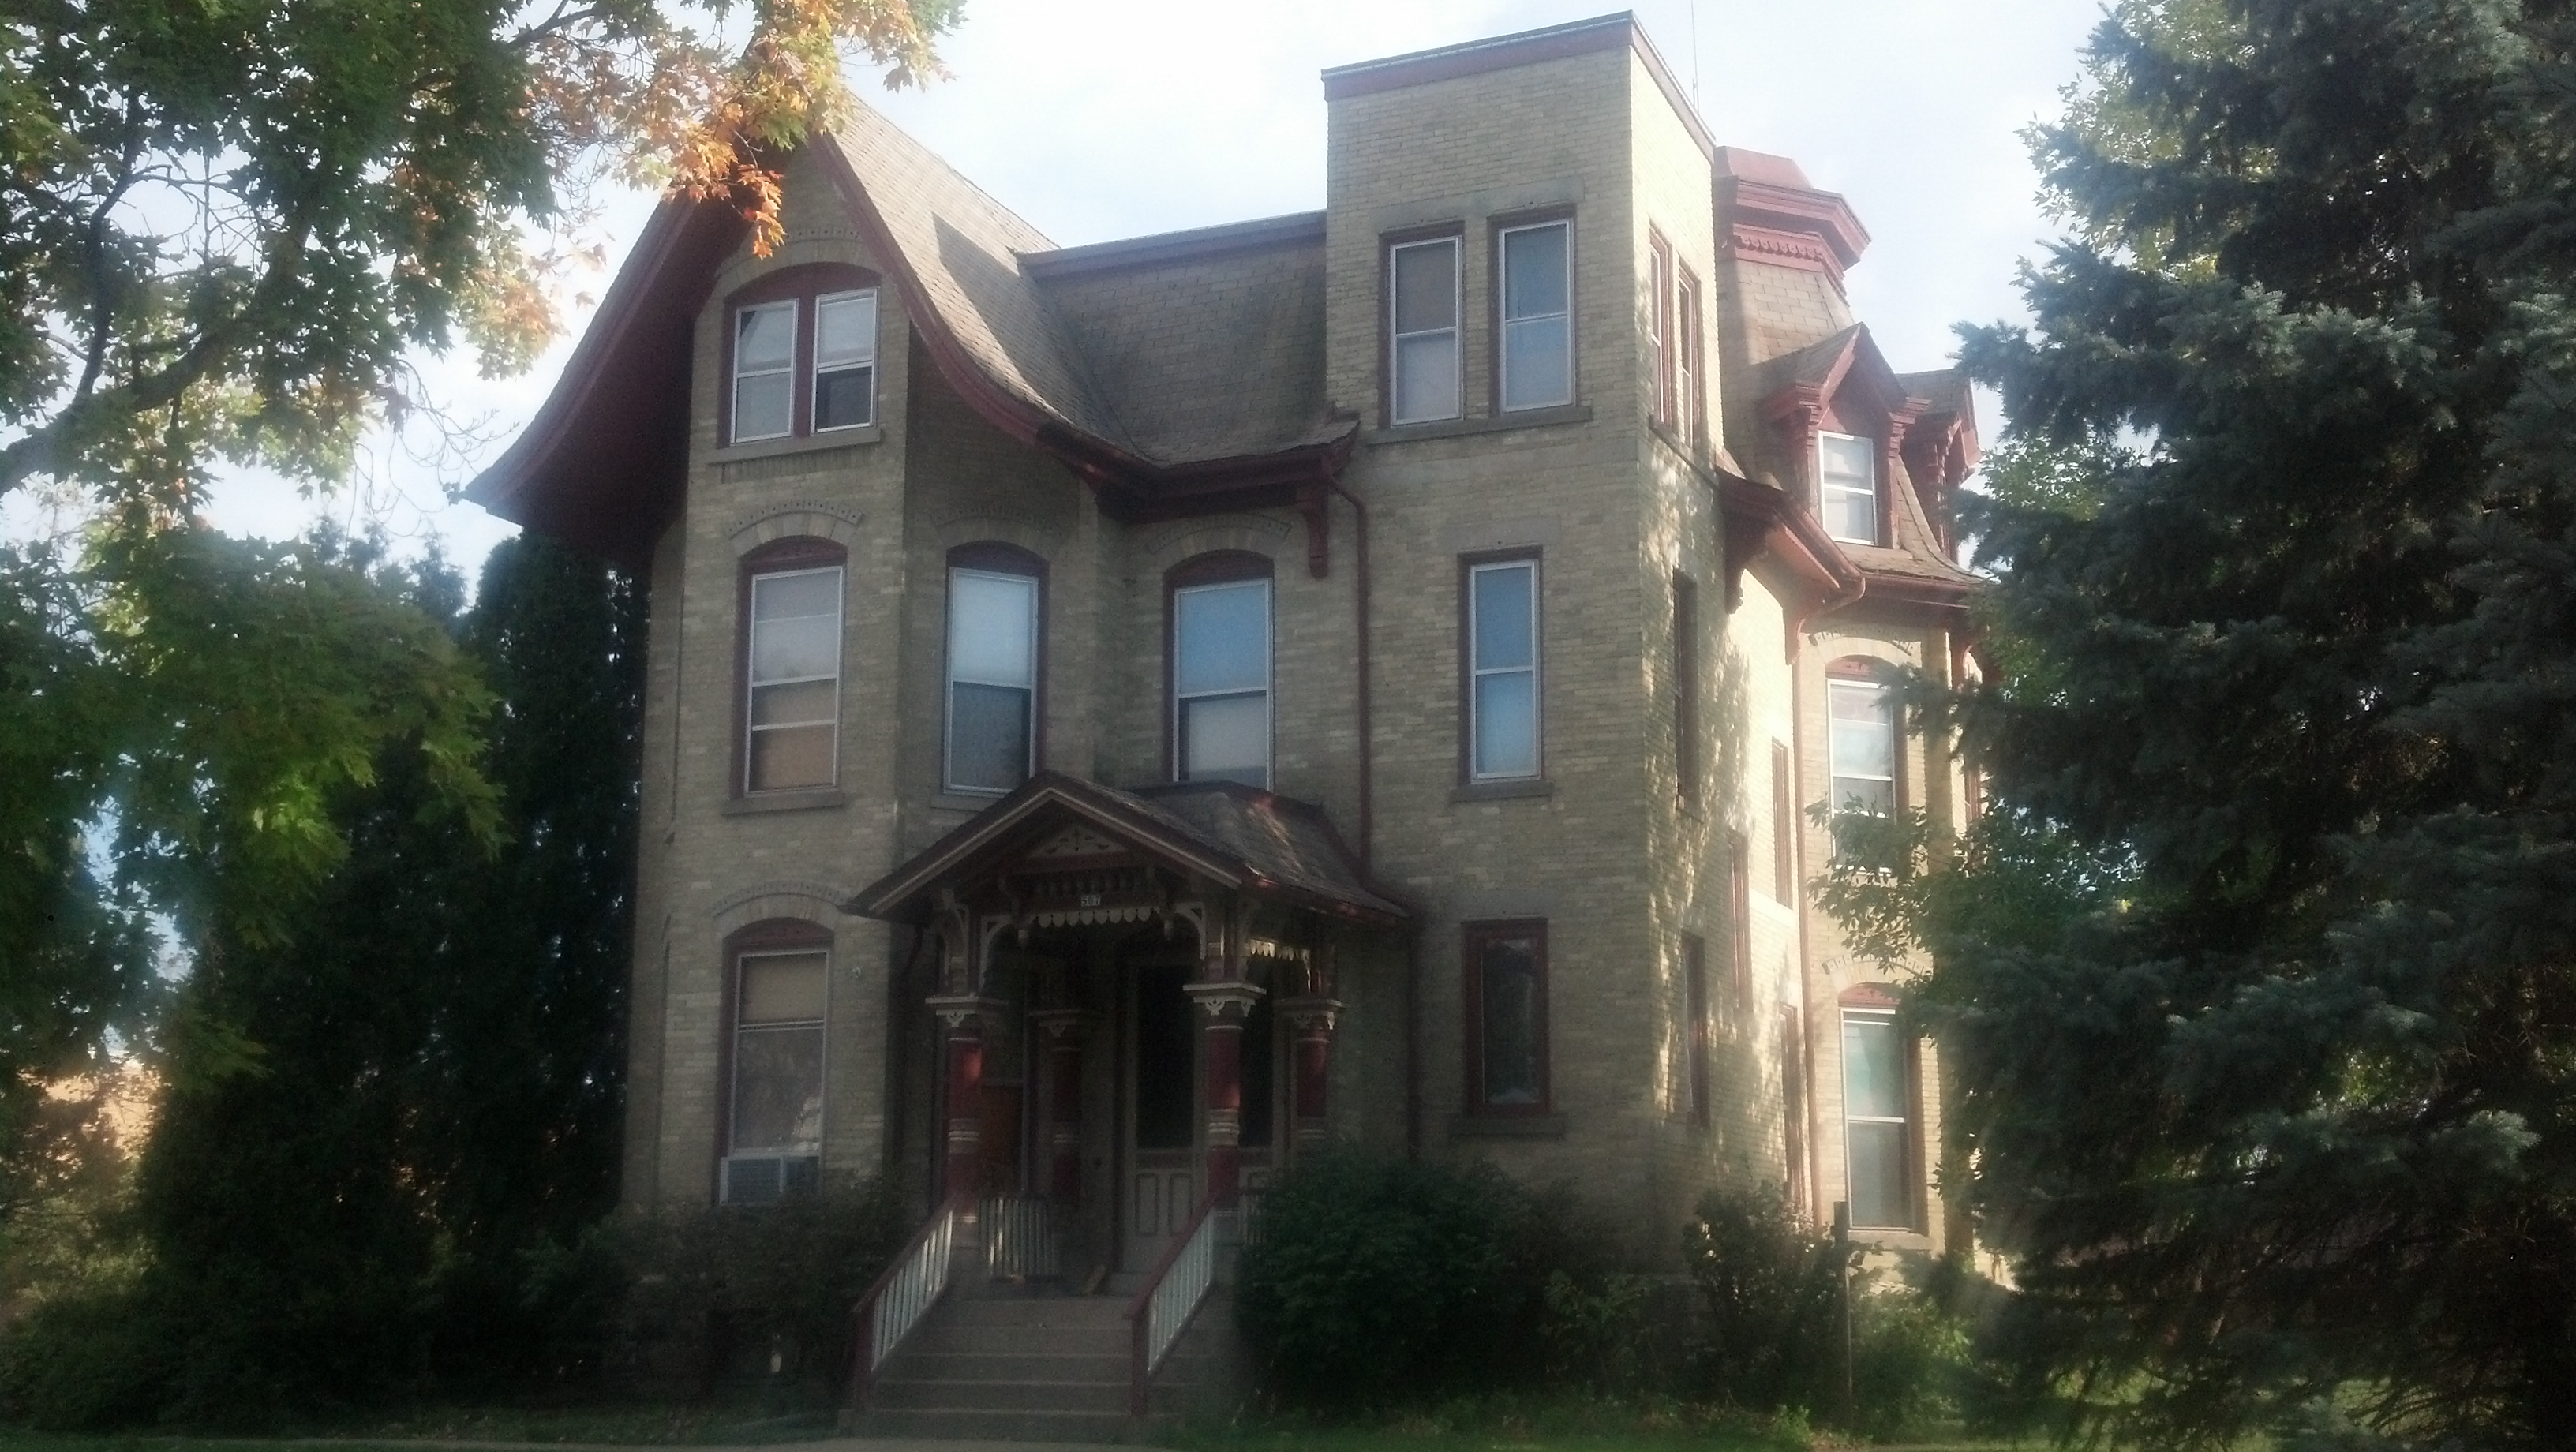 casper movie house. File:Casper M- Sanger House 2012-09-20 19-38- Casper Movie I